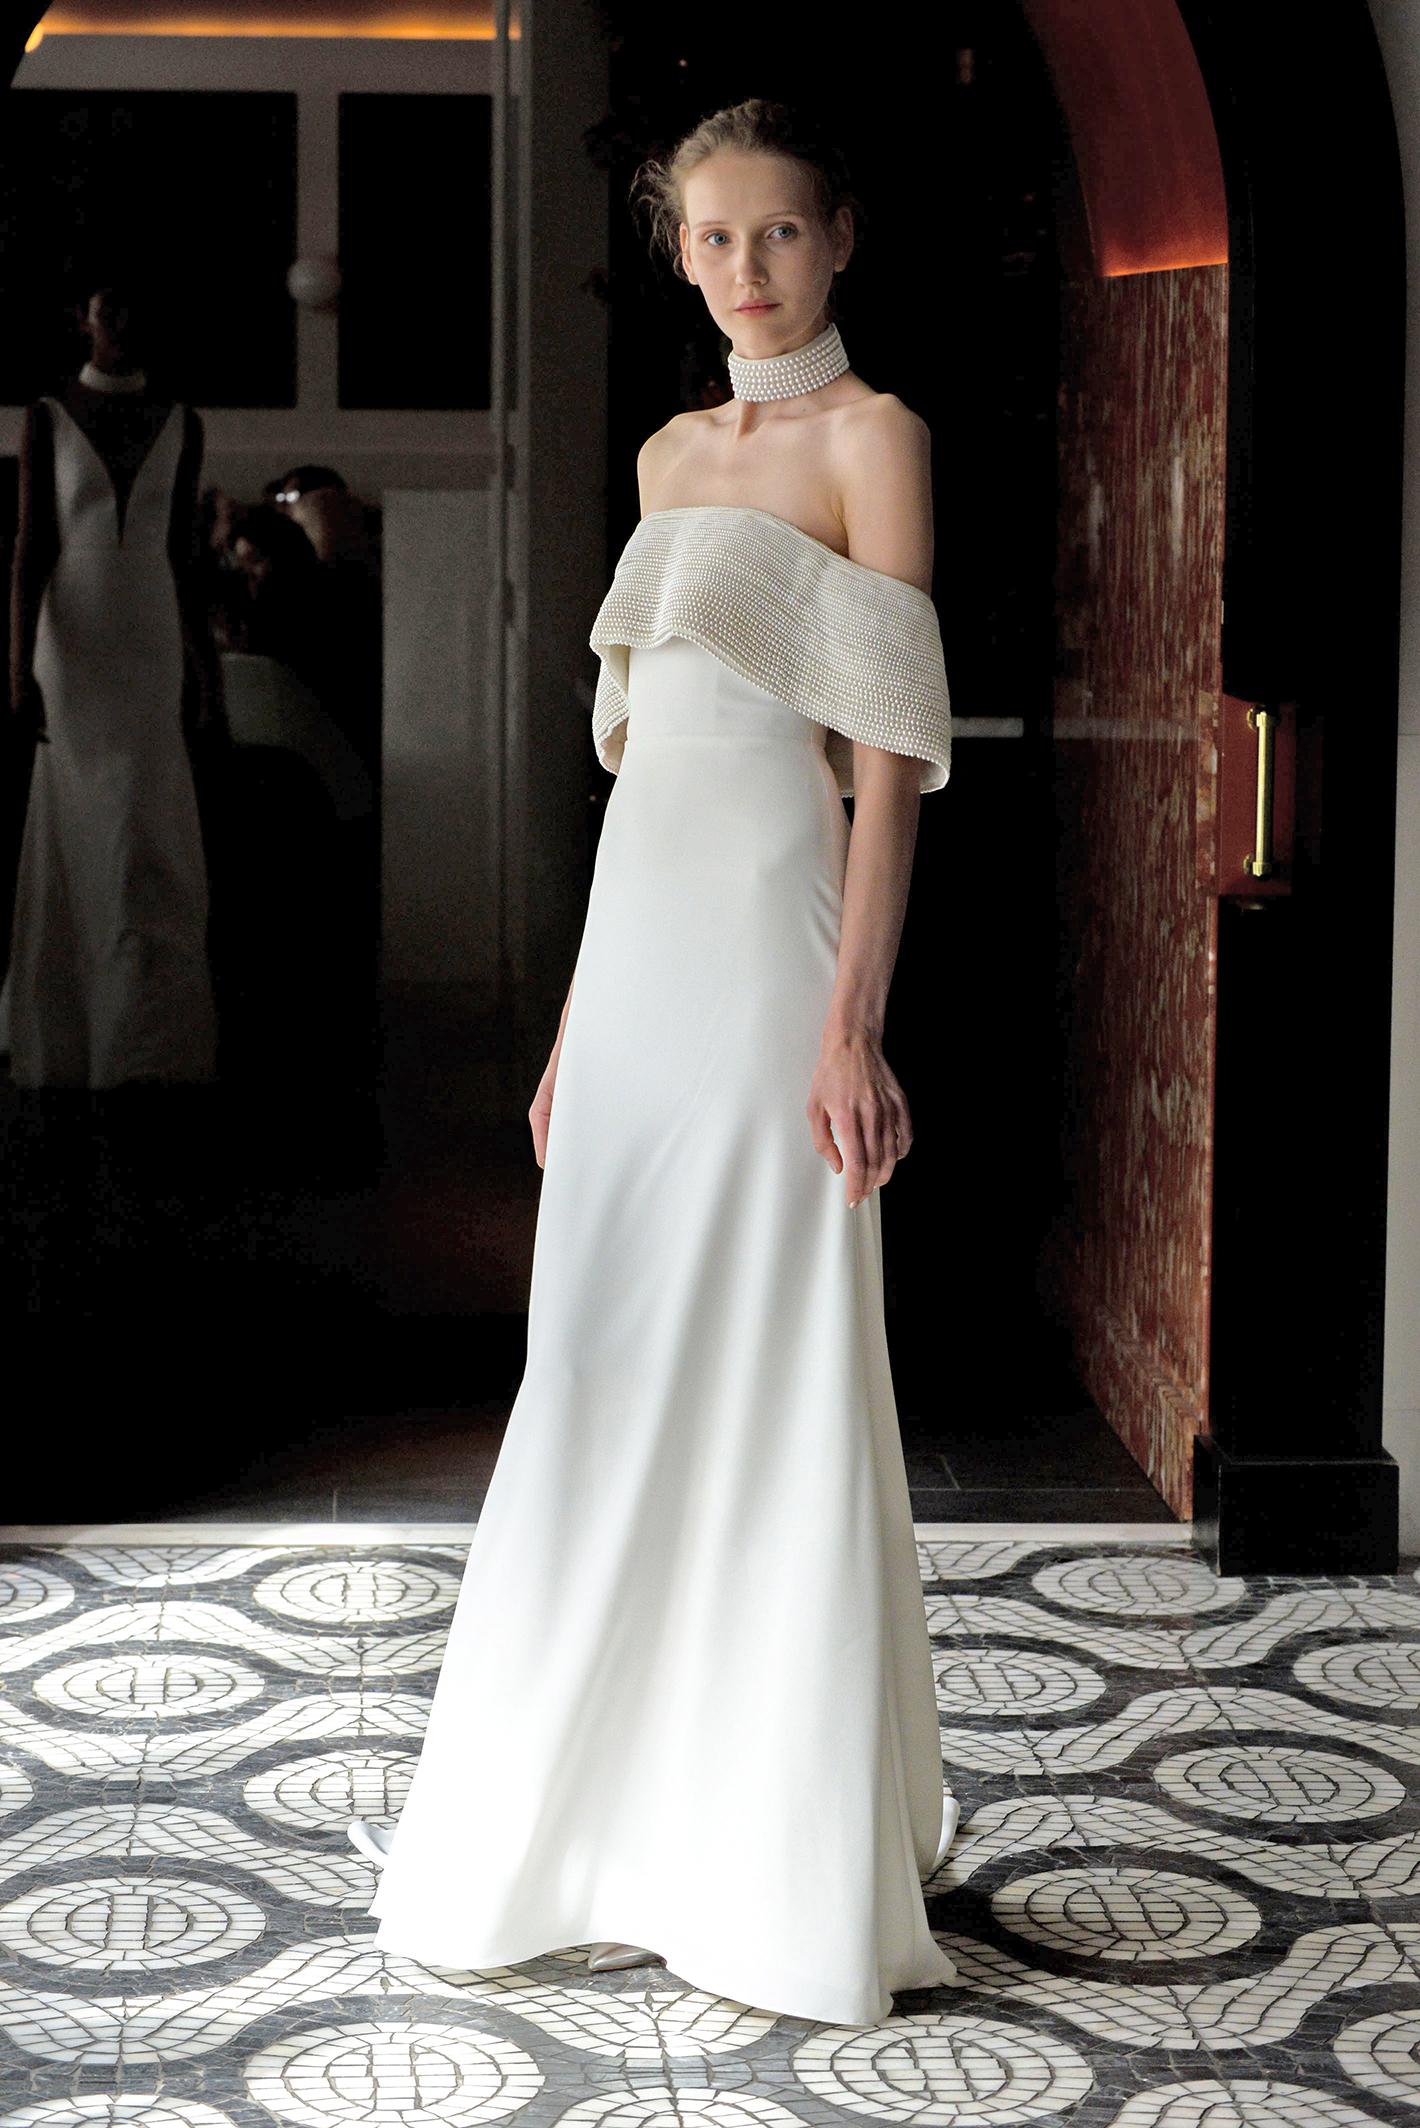 lela rose wedding dress spring 2018 draped off-the-shoulder